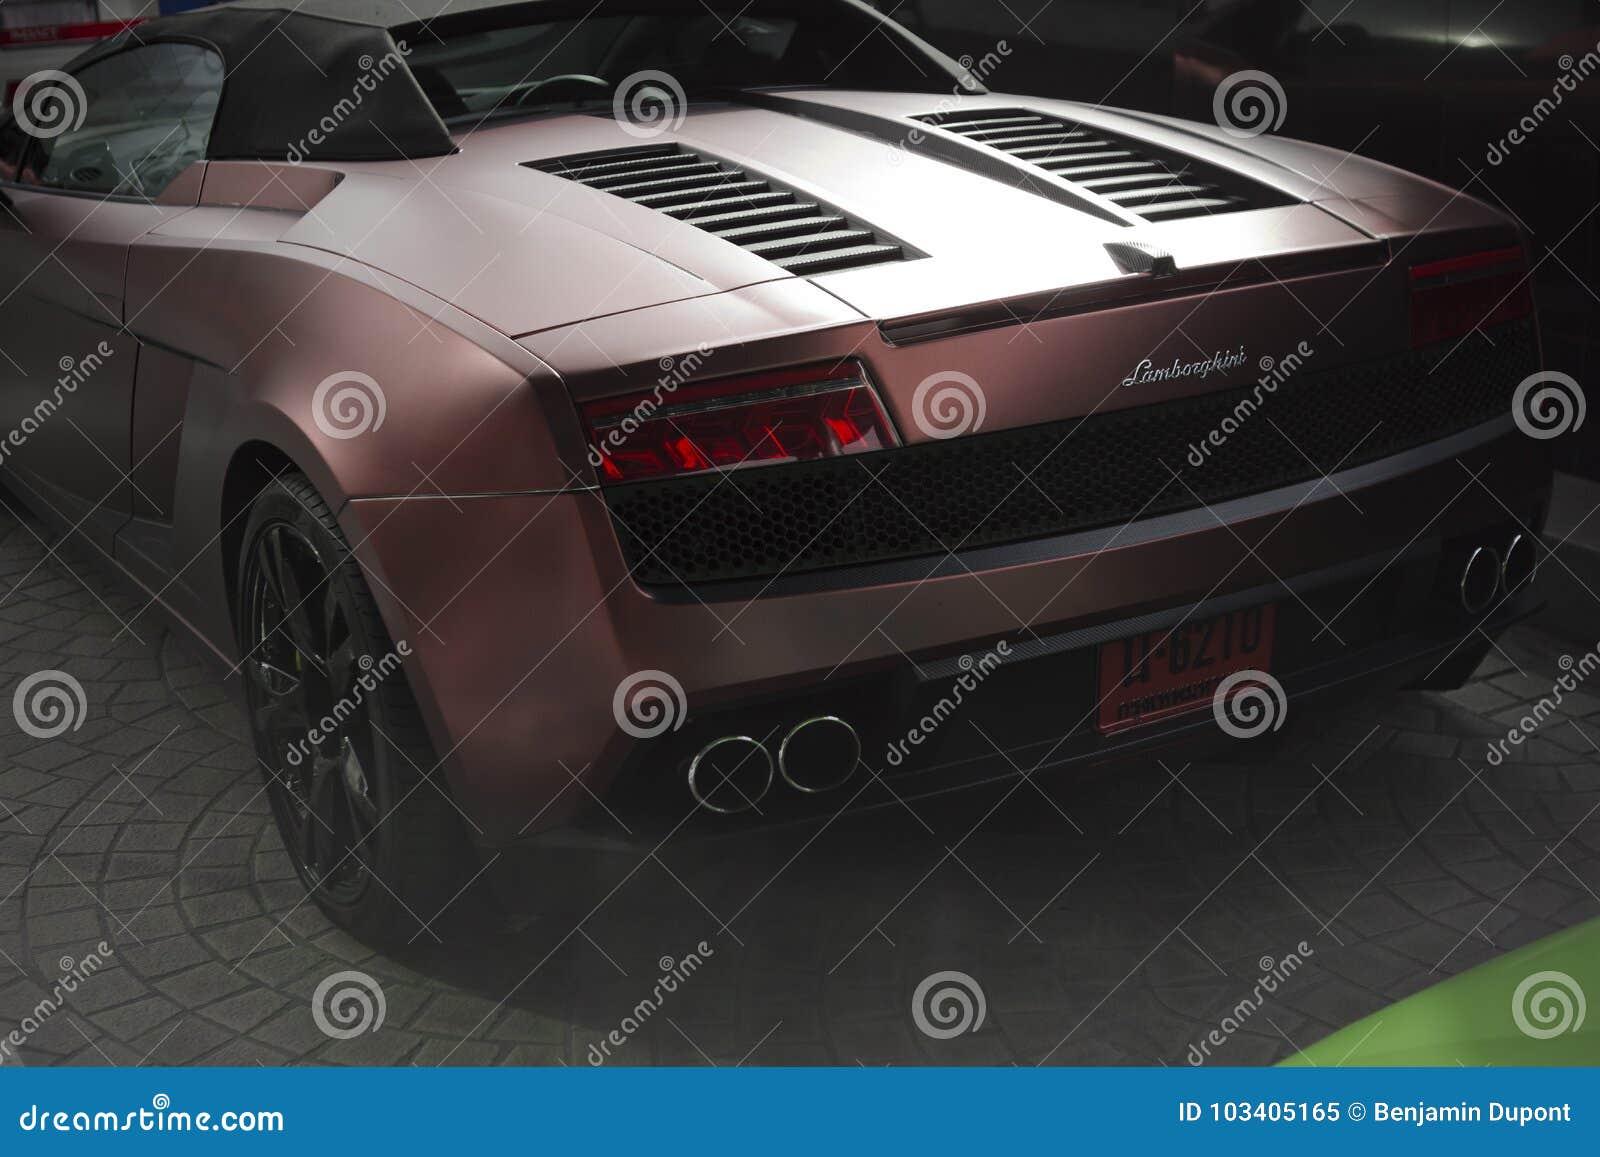 Lamborghini Gallardo Coupe Cabriolet Back View Editorial Image